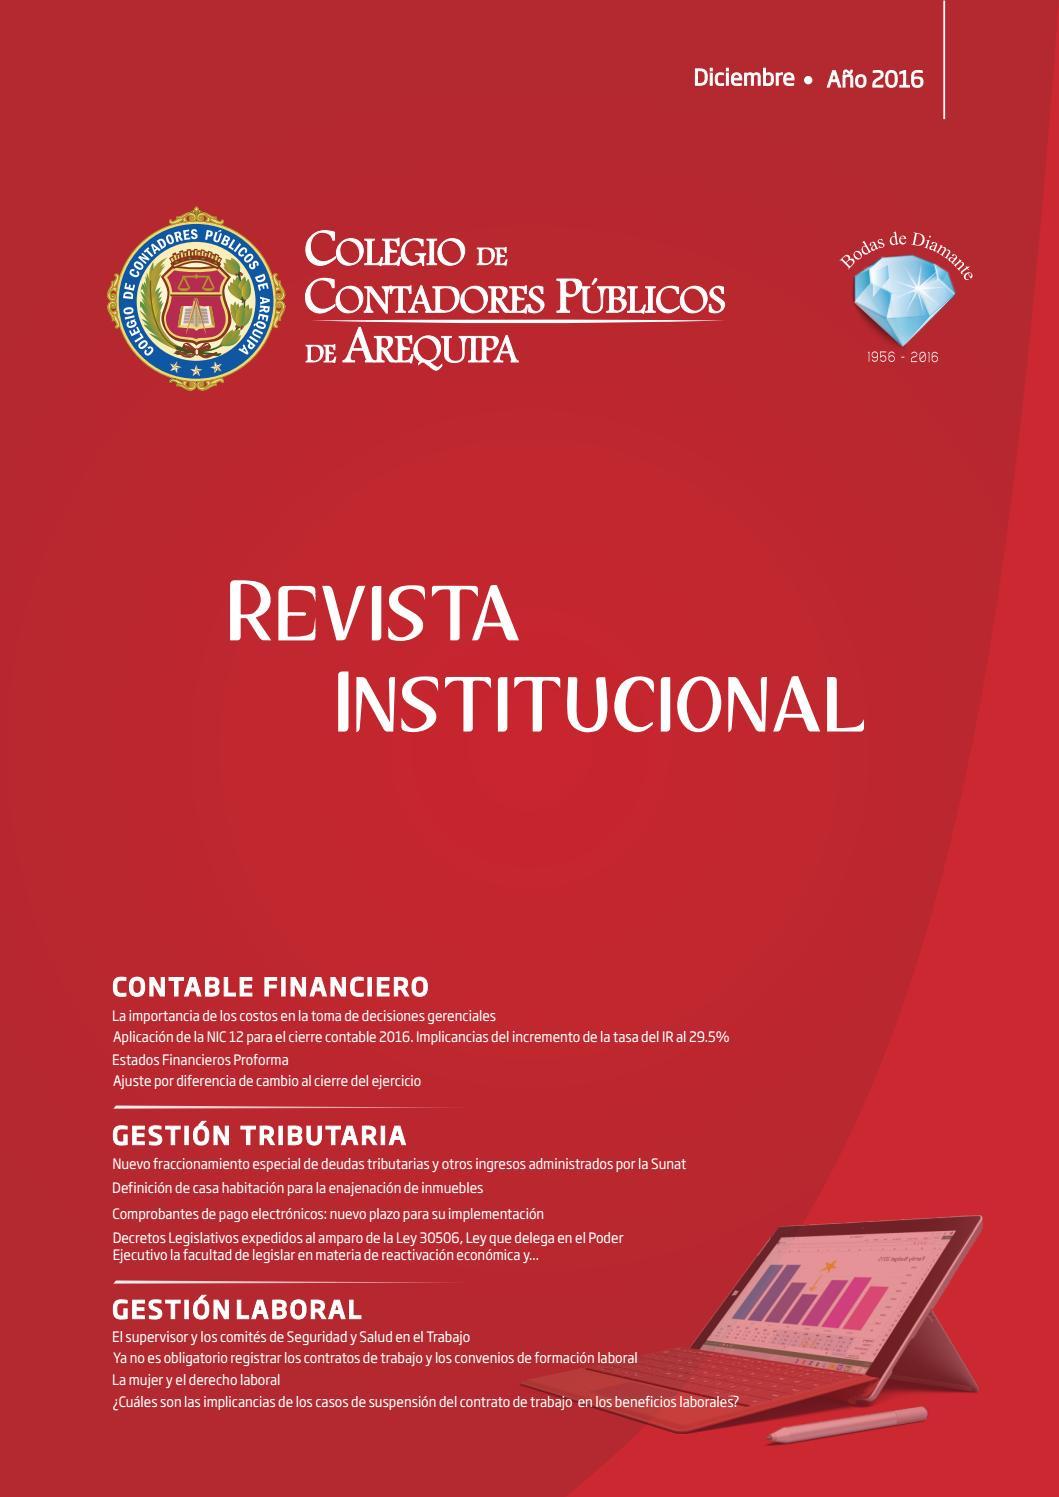 Revista Institucional - Diciembre 2016 by Colegio de Contadores ...